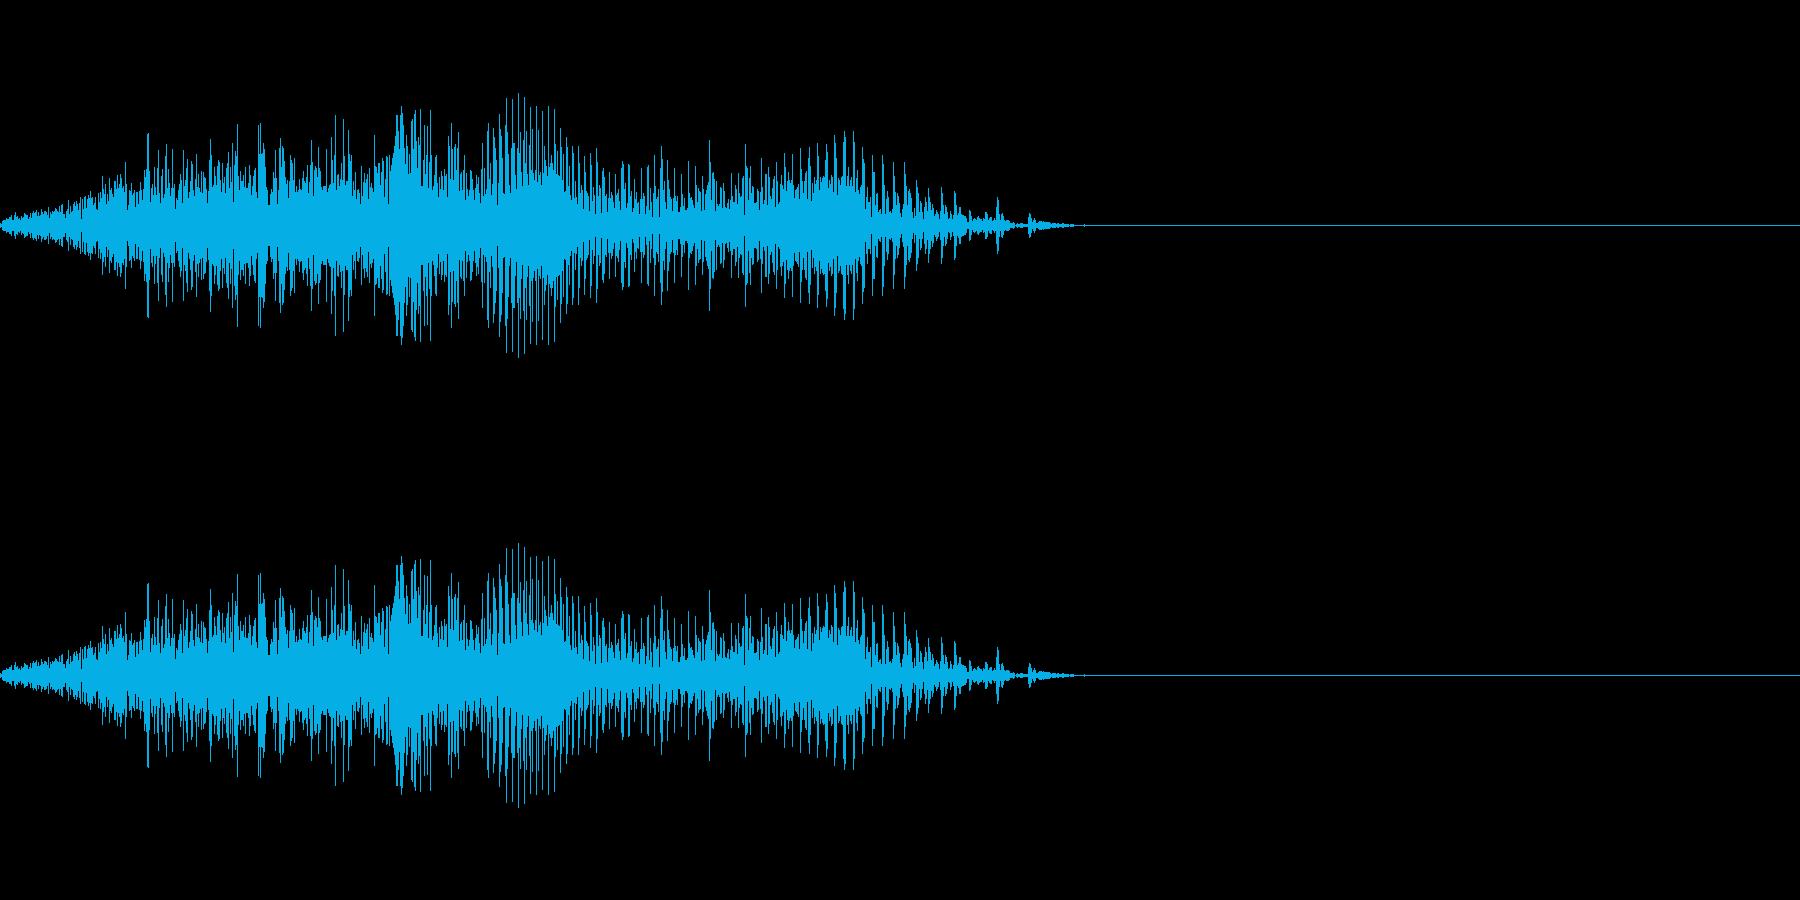 しゃ!!(よし!やったぜ的な喜びの声)の再生済みの波形